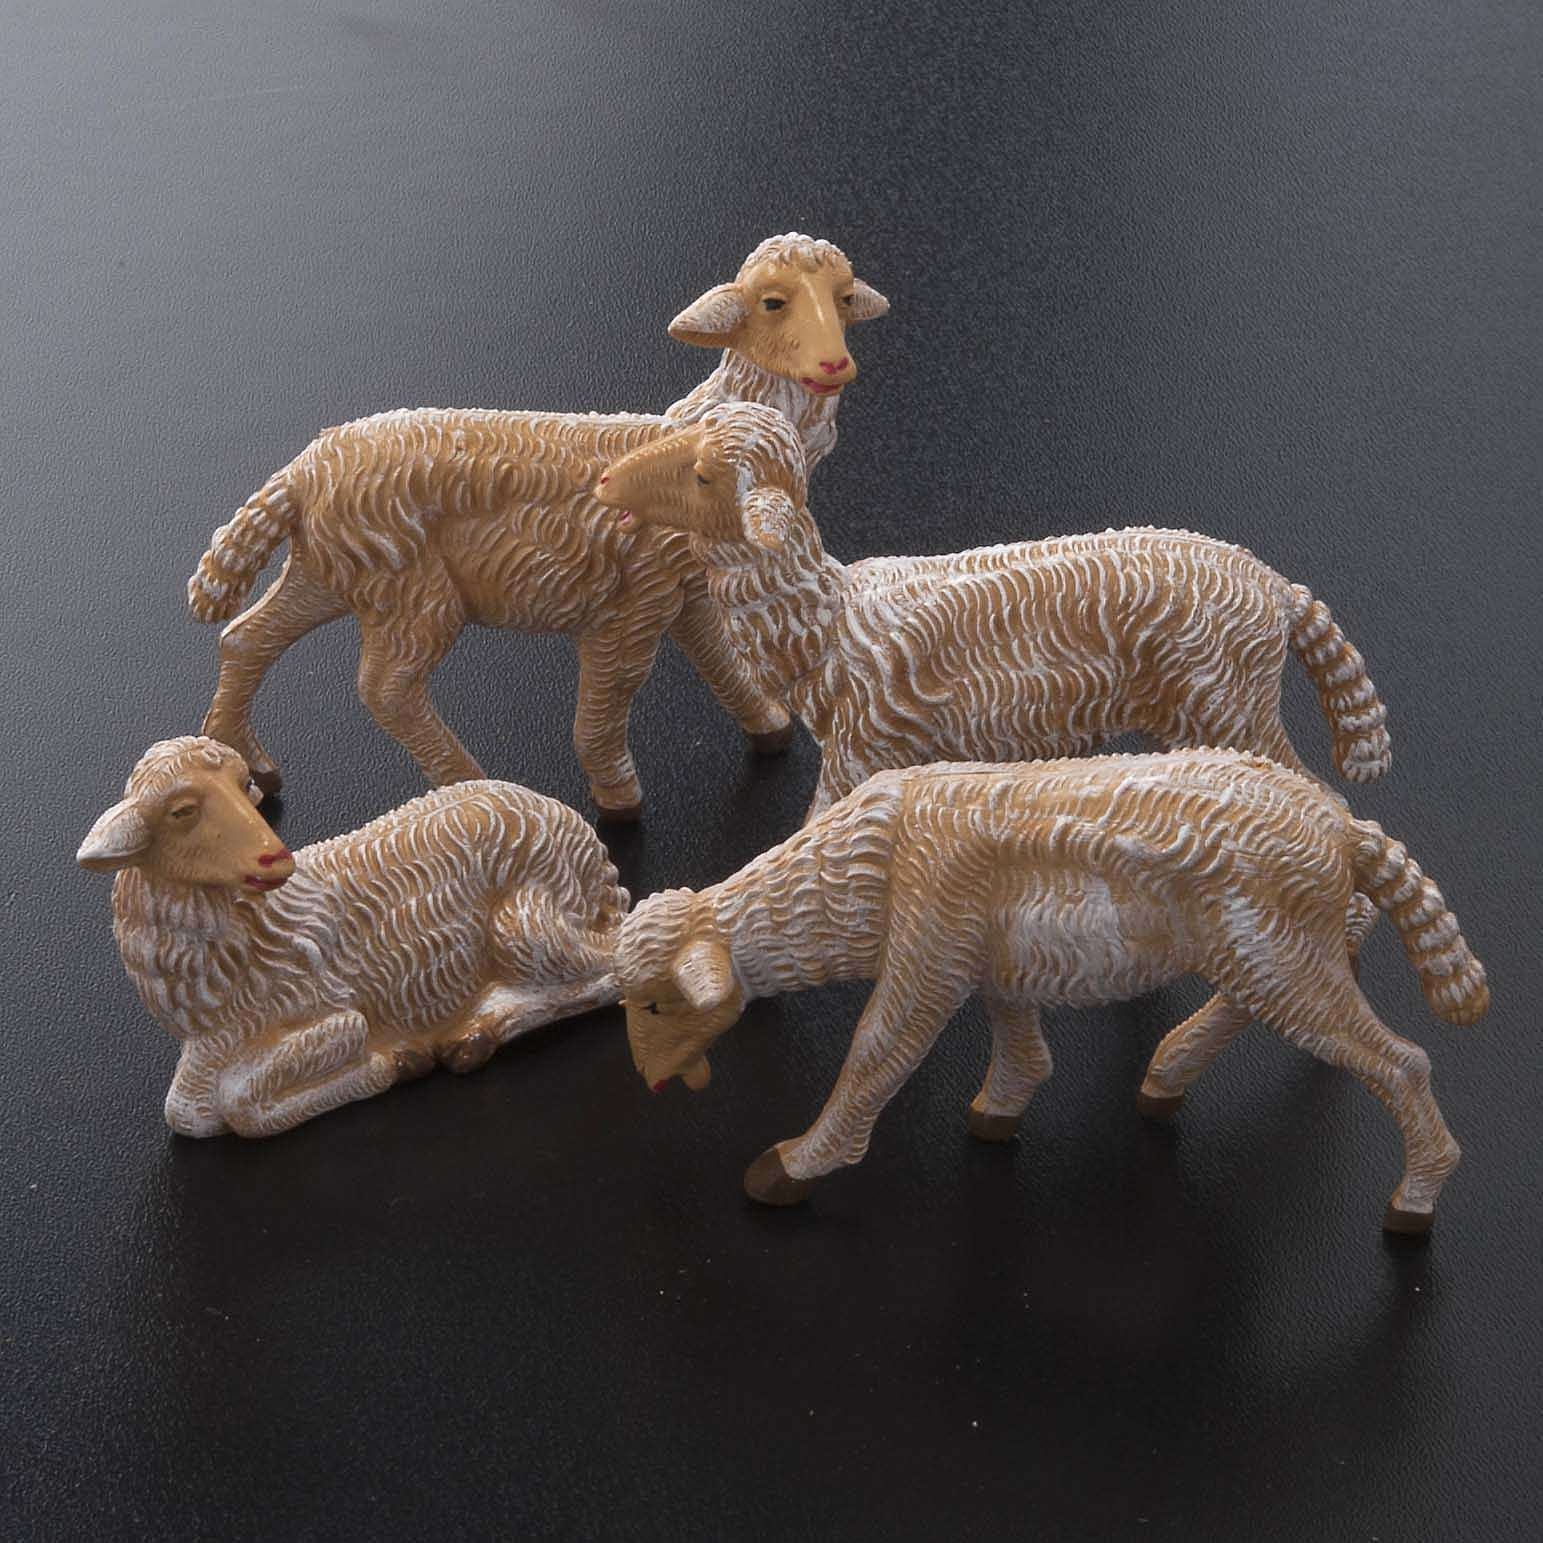 Pecore presepe plastica marrone 4 pz. per presepe di altezza media 16 cm 3